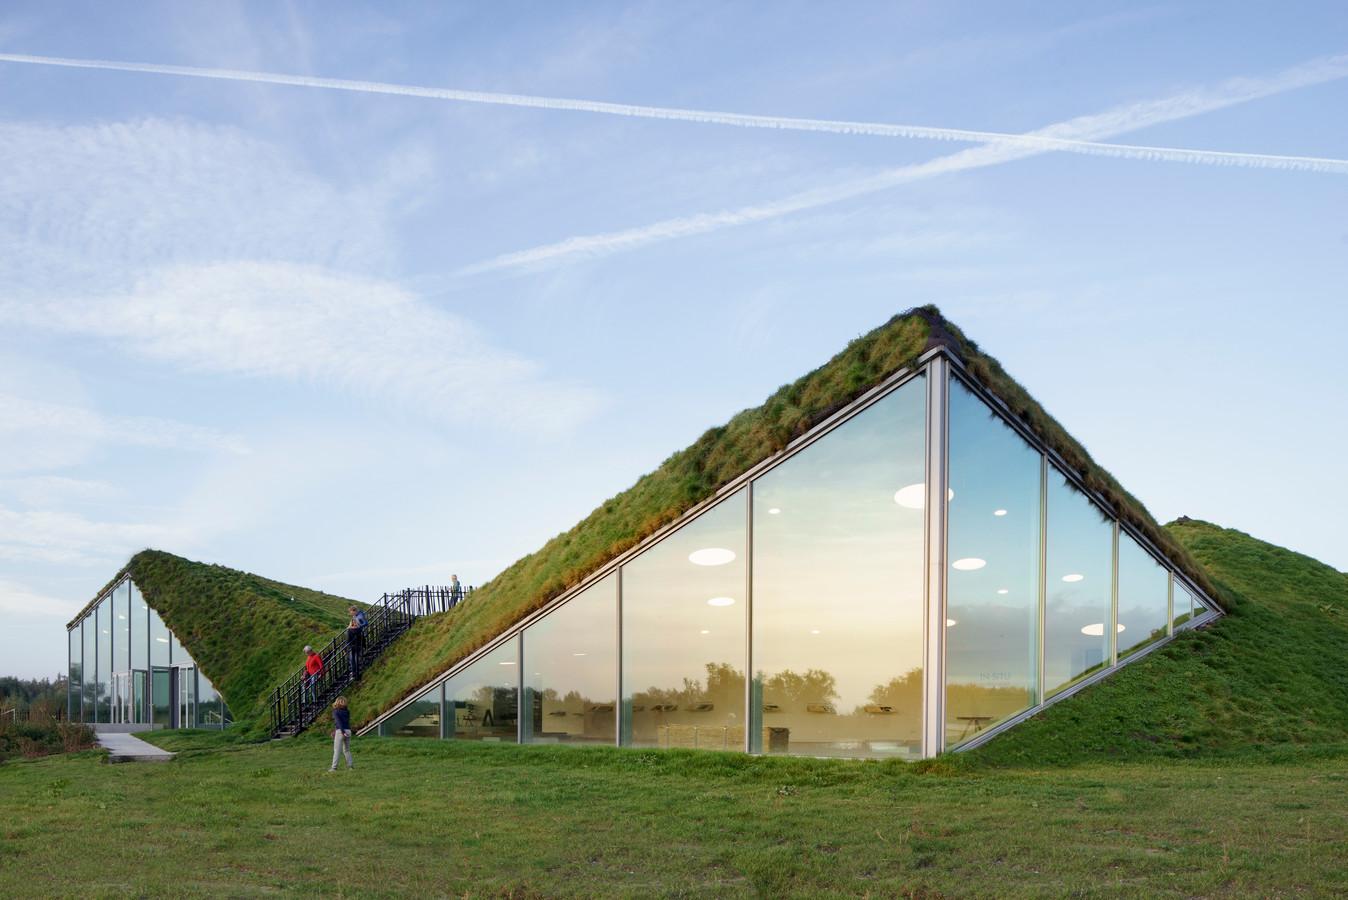 Drie keer prijs voor Het Biesbosch MuseumEiland, bij de internationale wedstrijd Architizer Awards 2016. foto Ronald Tilleman Original IPTCSource © Ronald Tilleman